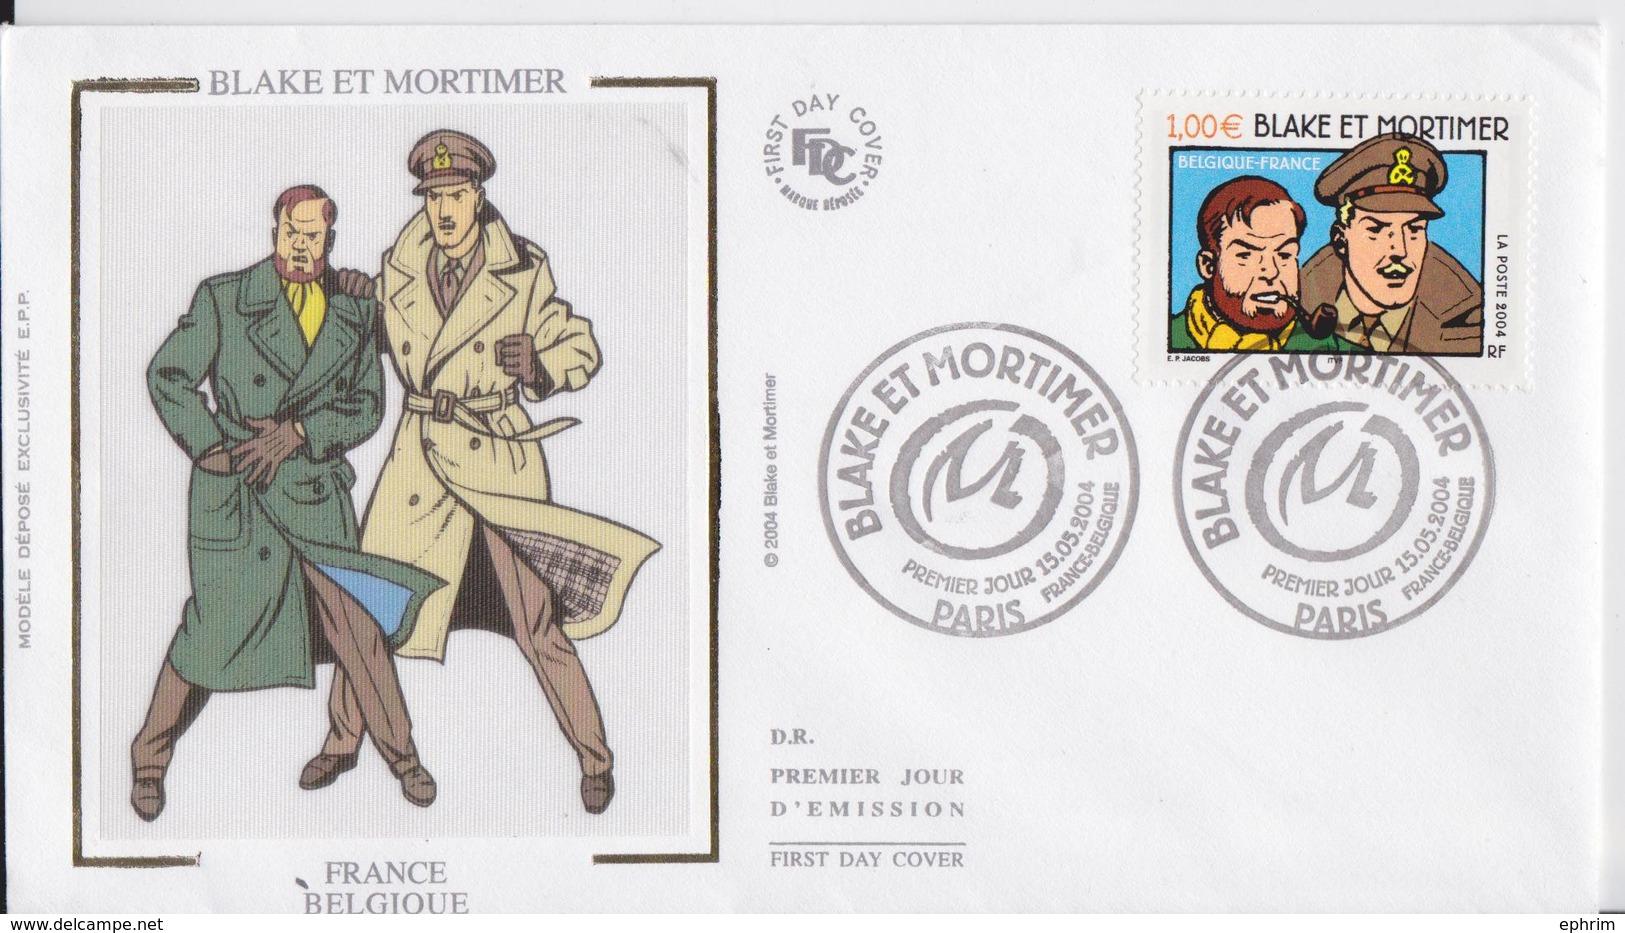 Blake Et Mortimer Enveloppe Premier Jour FDC 2004 - Bandes Dessinées